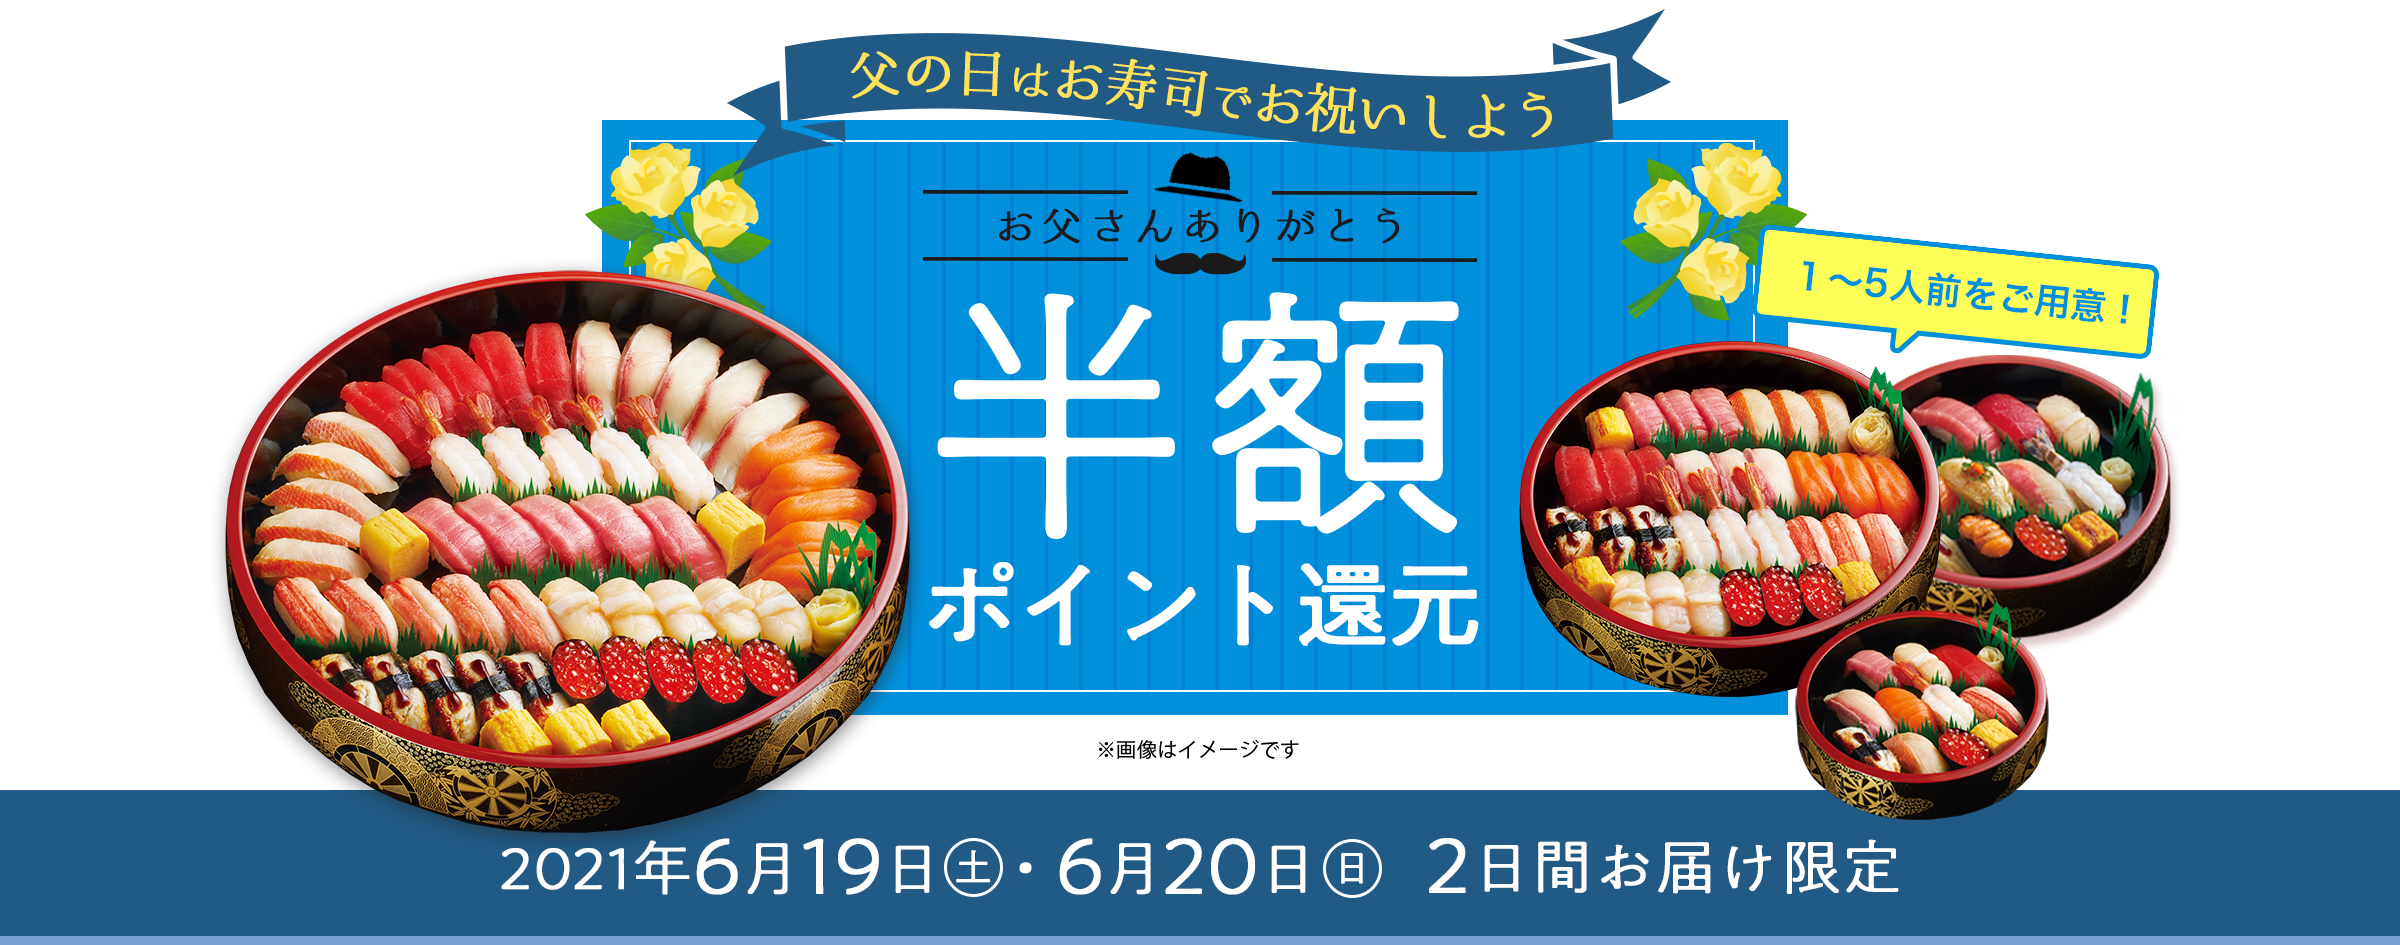 宅配寿司「銀のさら」で50%のポイント還元中。6/19~6/19。